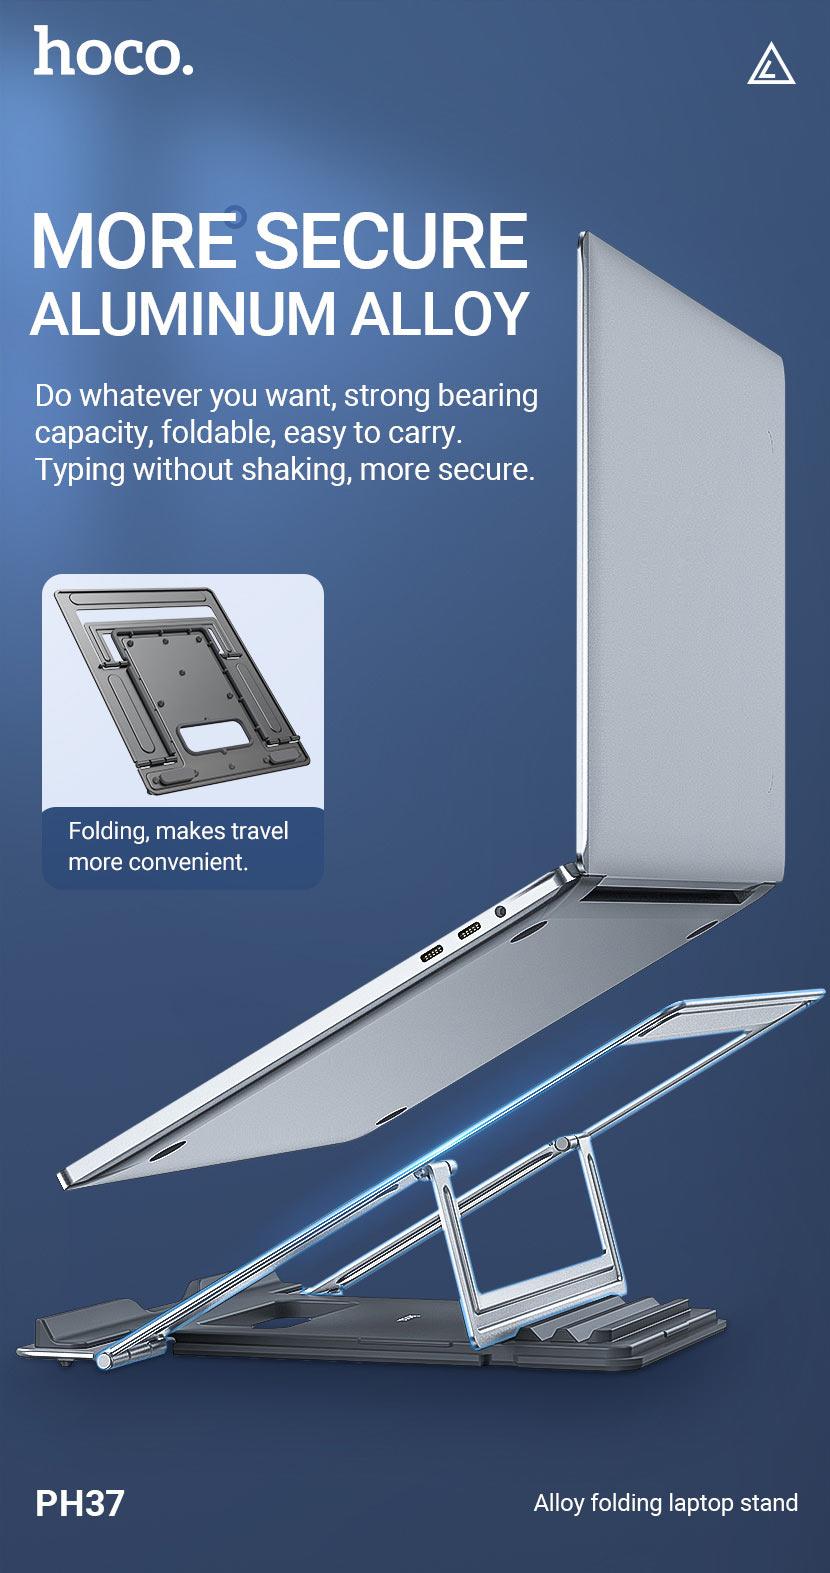 hoco news ph37 excellent aluminum alloy folding laptop stand secure en